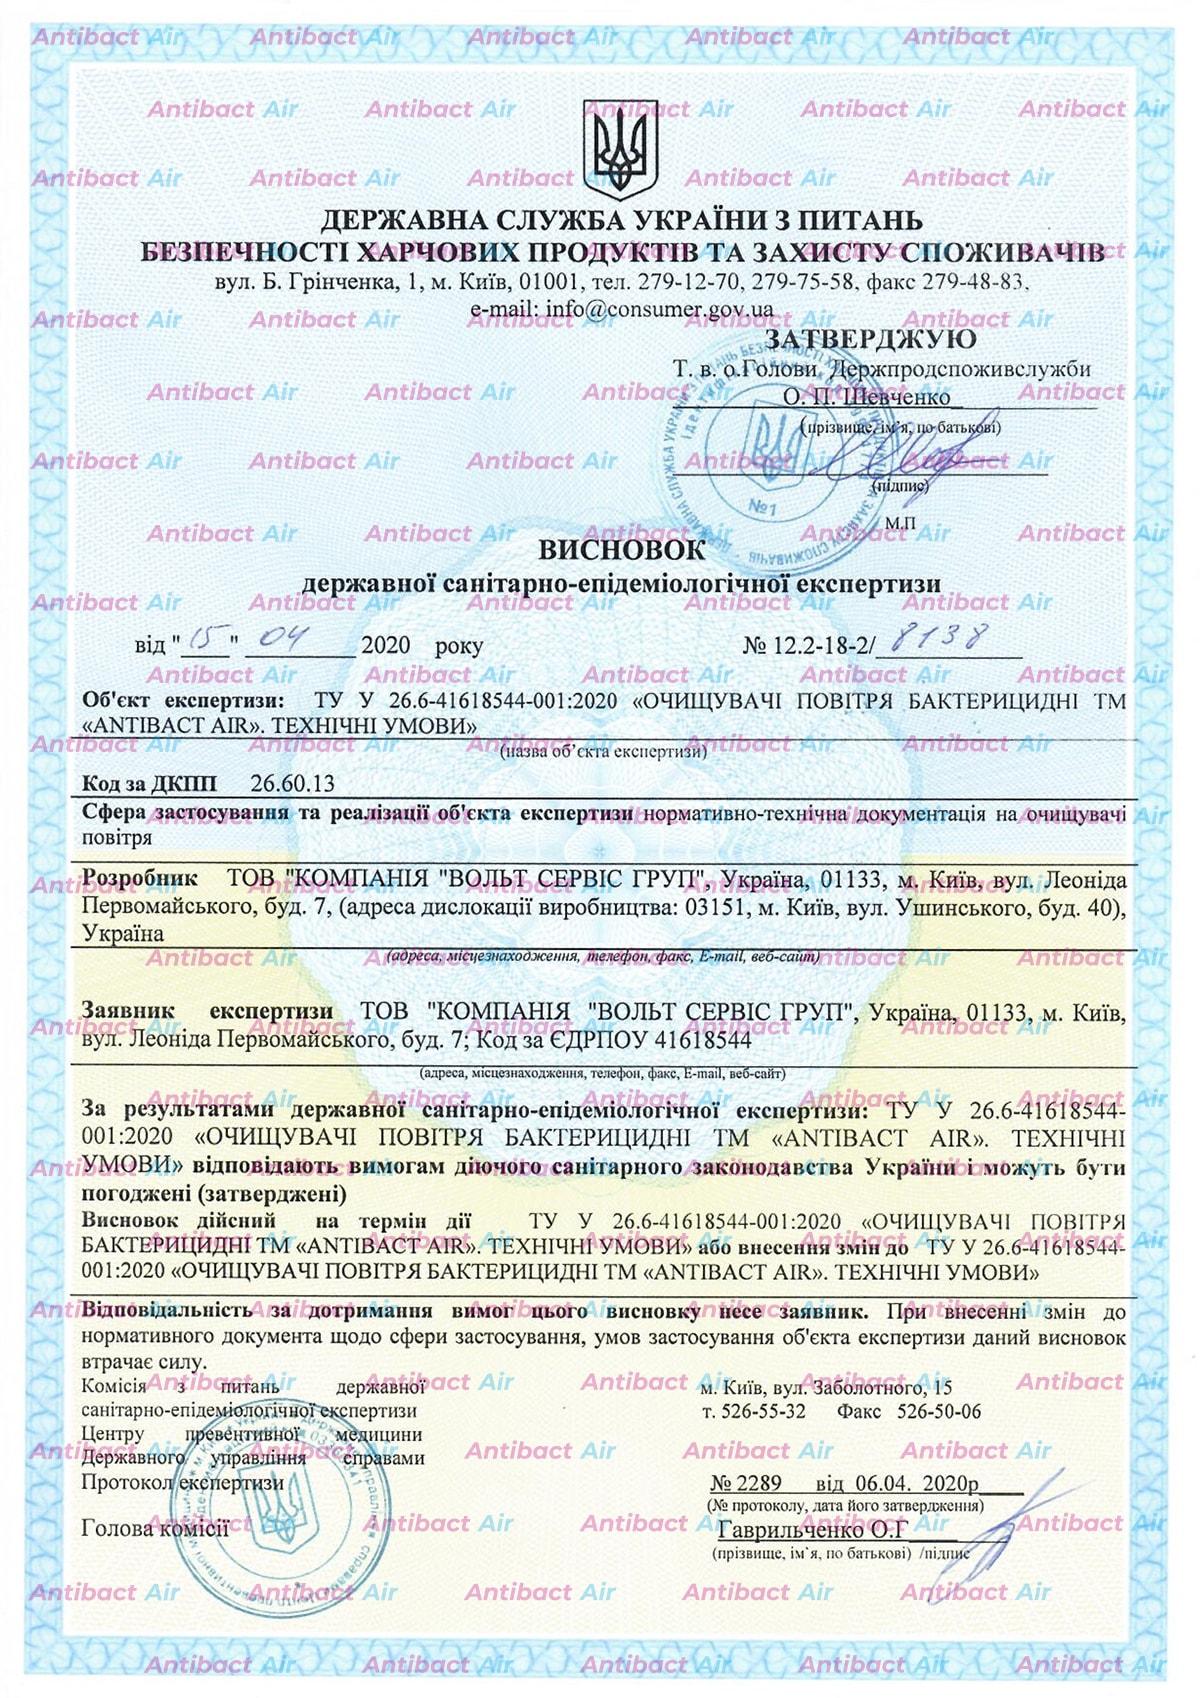 Заключение государственной санитарно-эпидемиологической экспертизы 15.04.2020